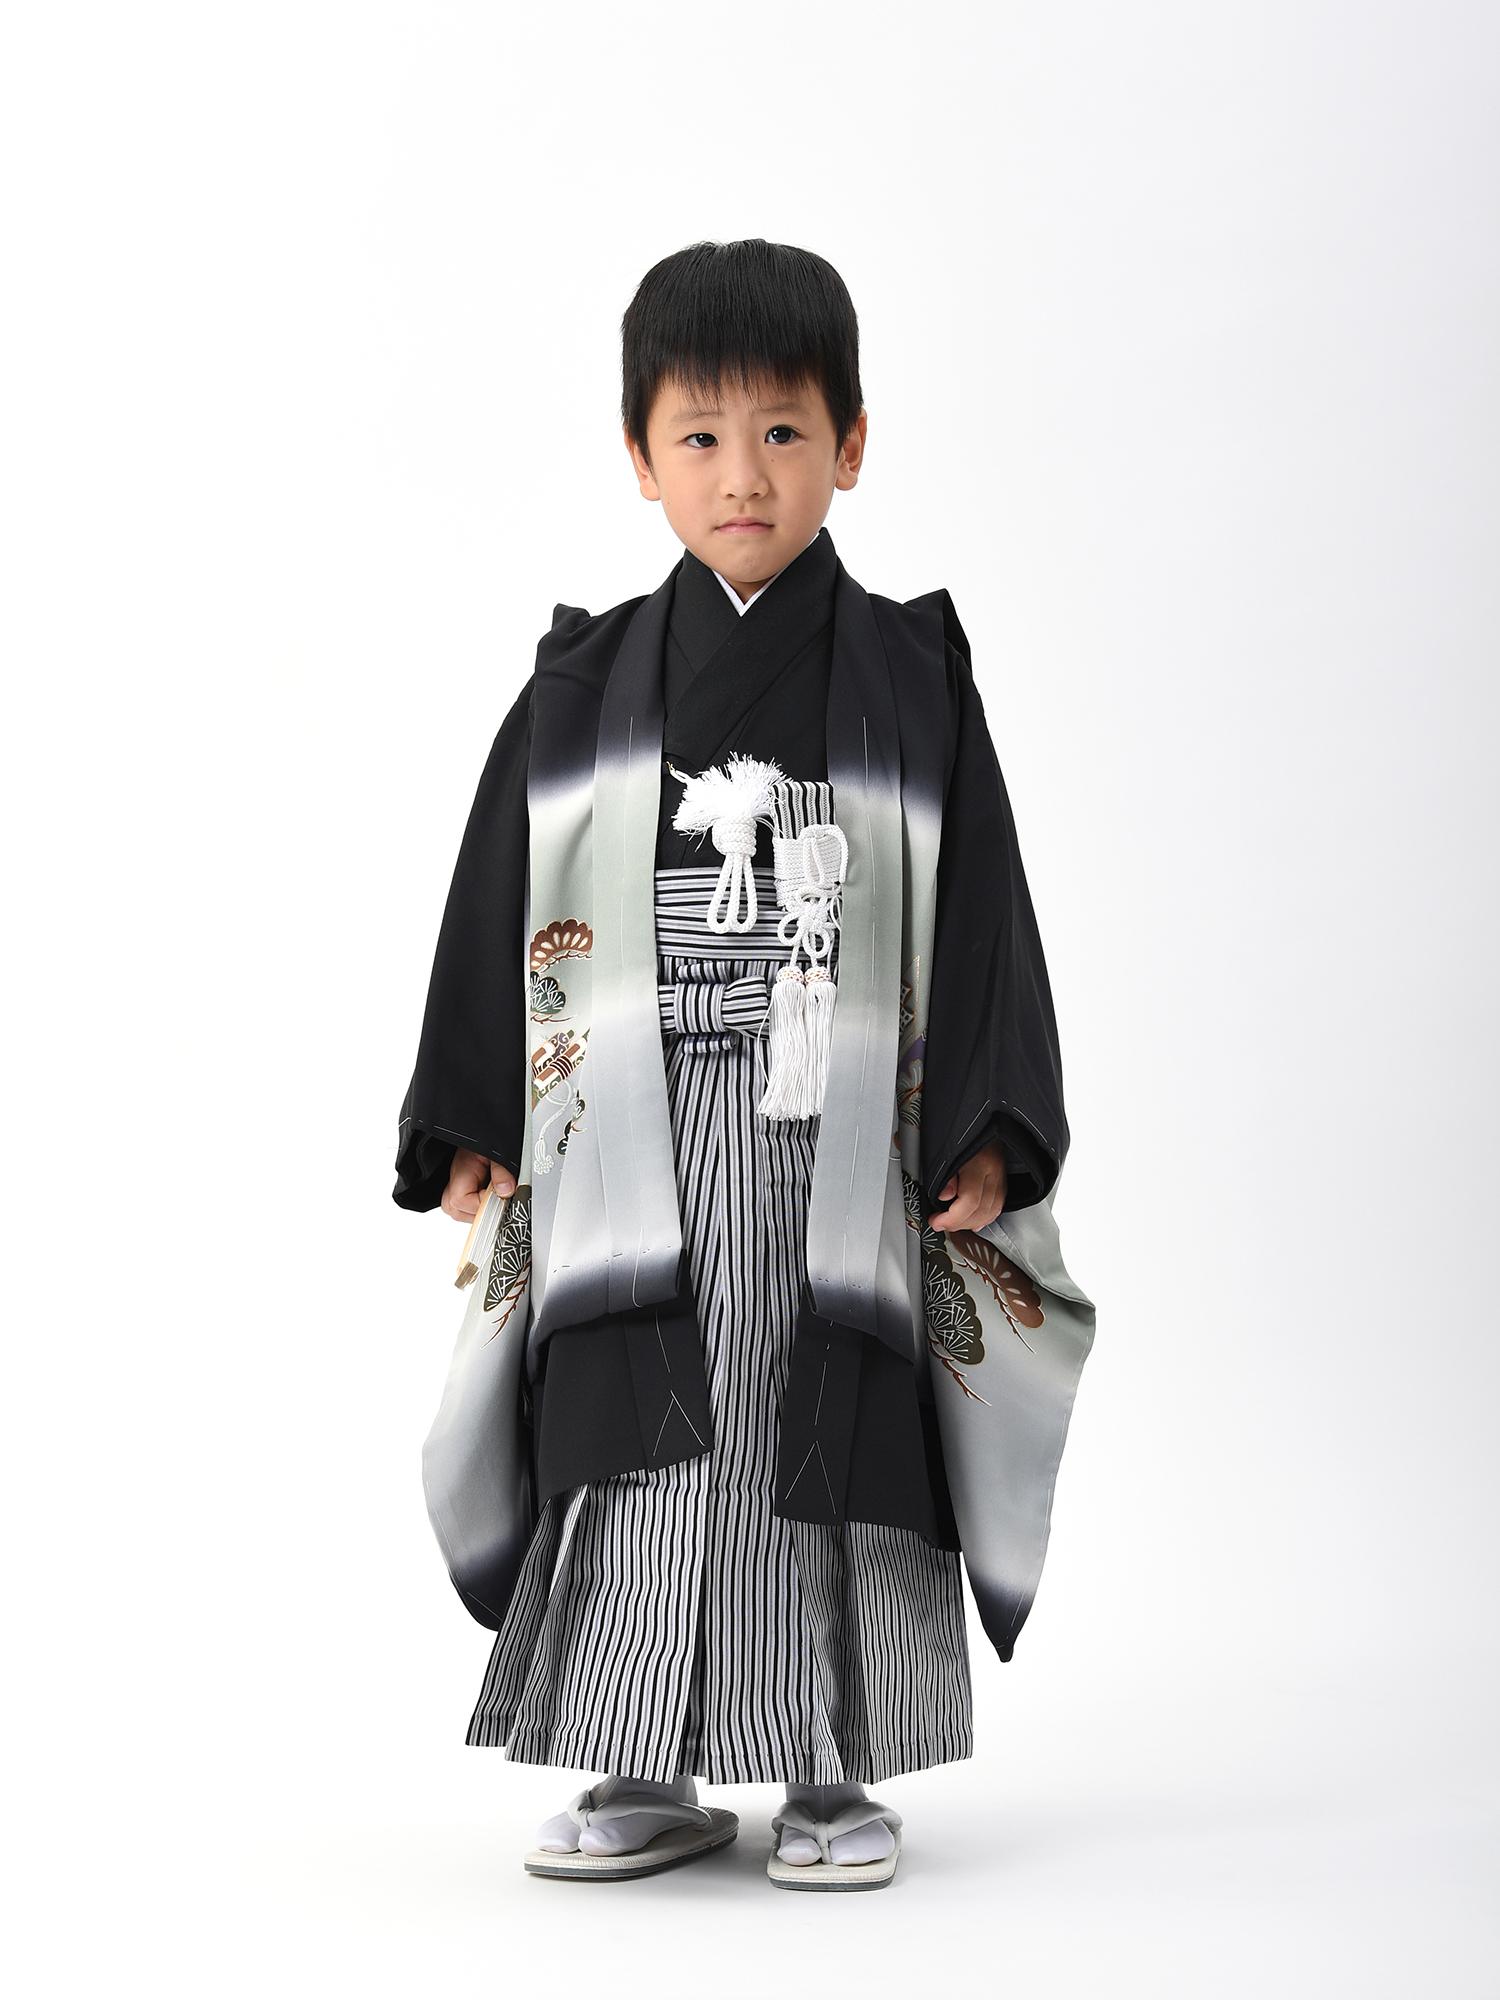 【5歳・七五三の男子着物と袴レンタル】黒にグレー、鷹と宝船柄・品番:KD-57